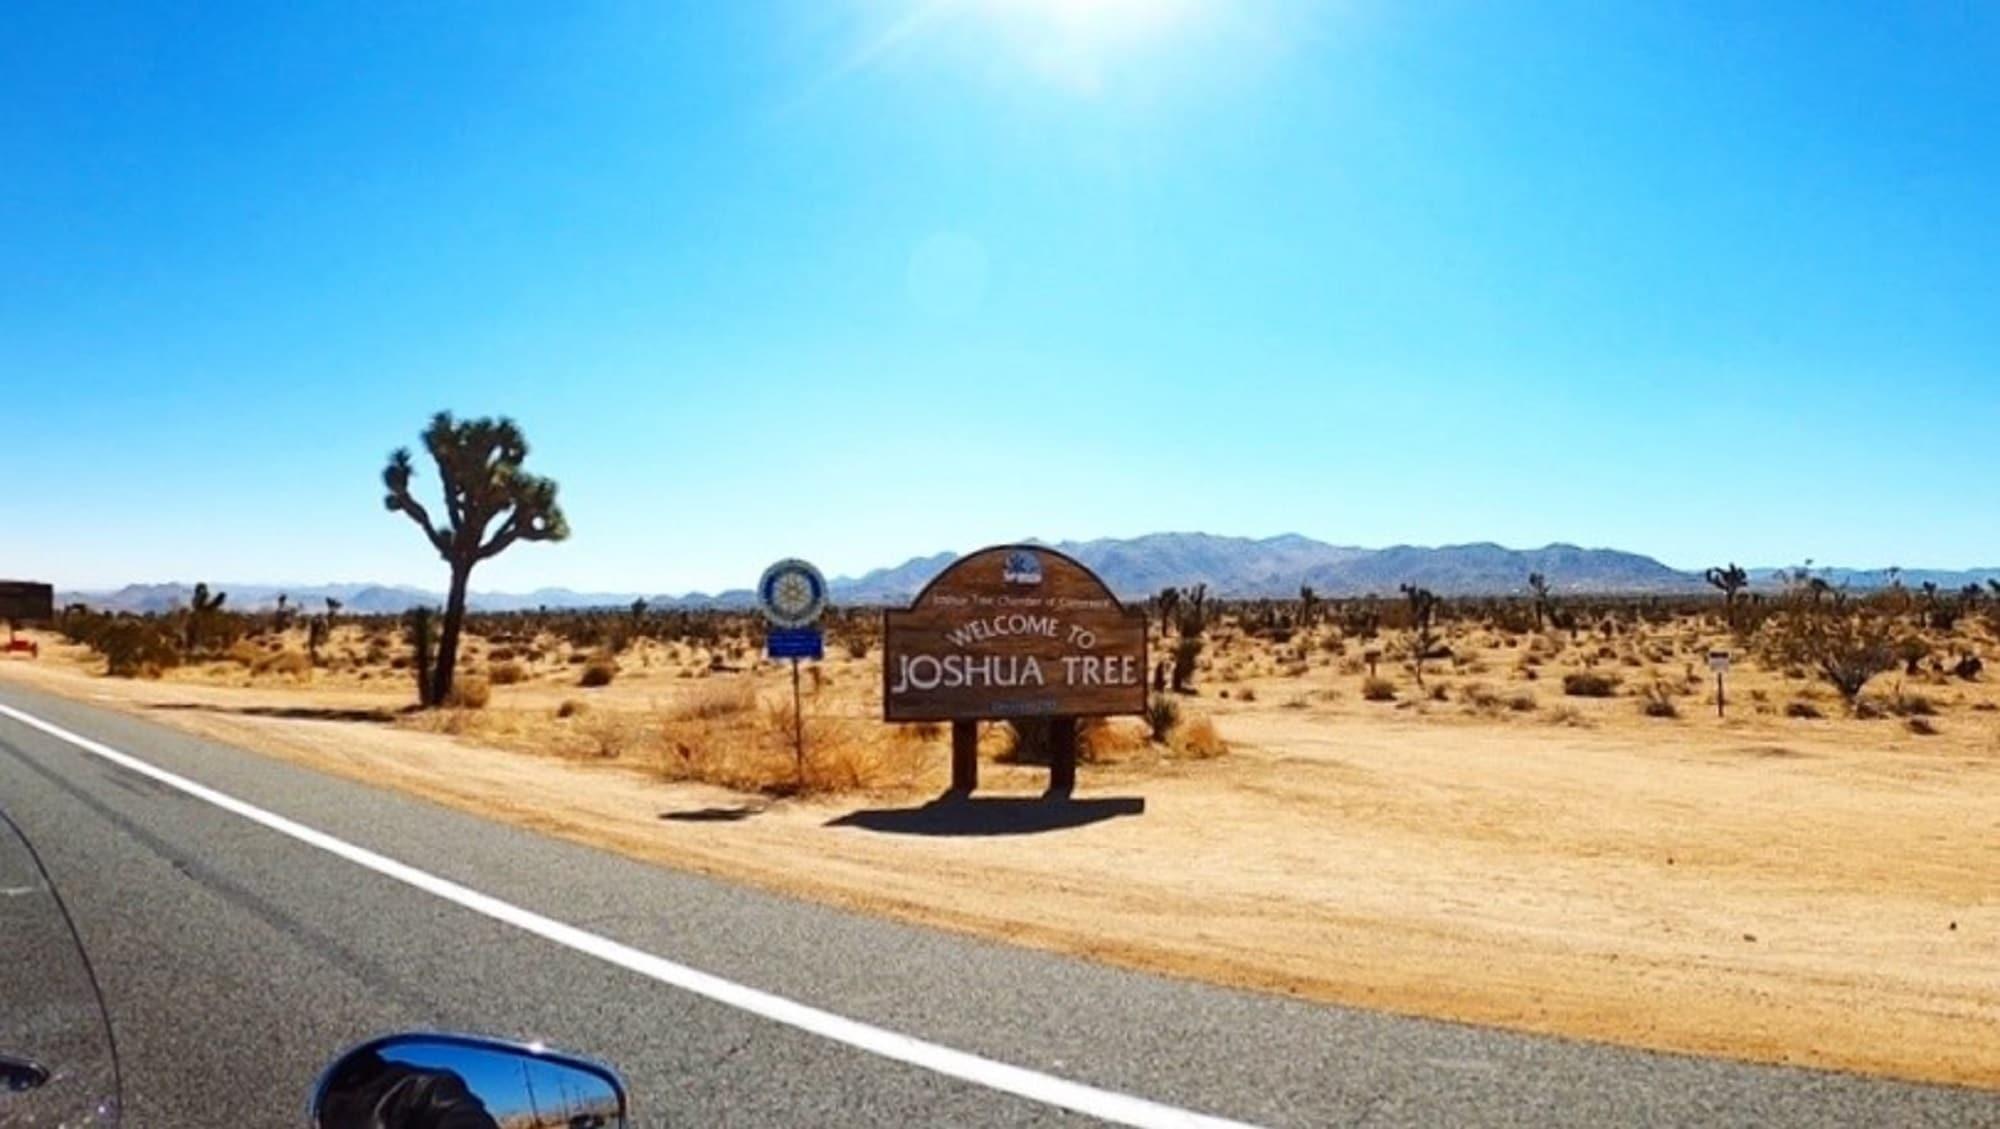 Affiche de bienvenue au Parc Joshua Tree